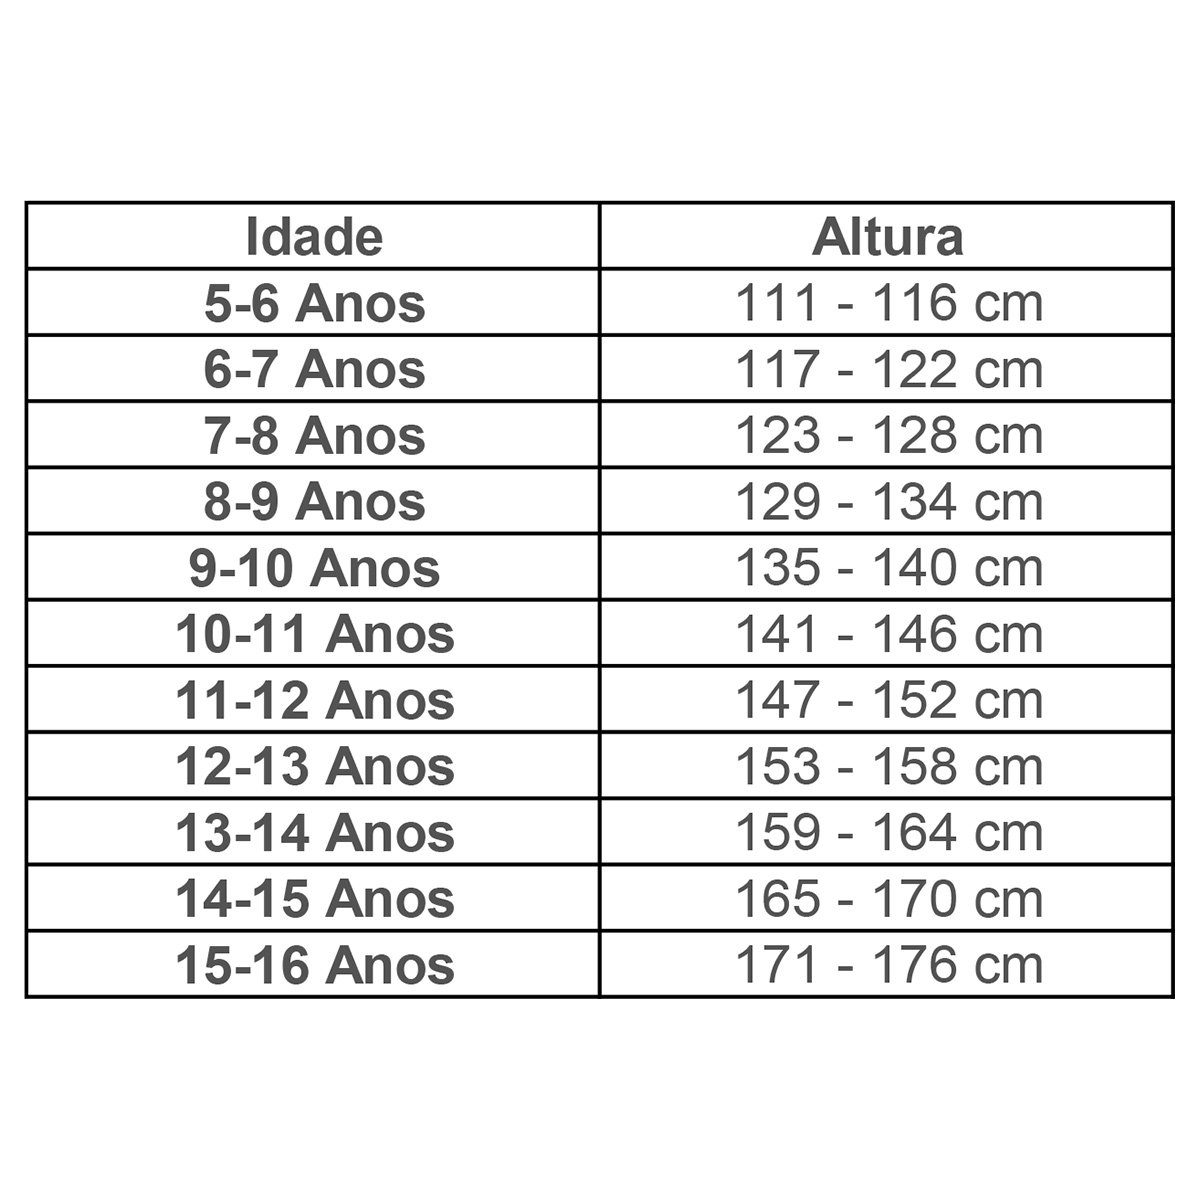 Infantil e Sport s nº Torcedor Camisa Adidas Recife Vermelho I 17 Preto 18 EqnZw4Pdw